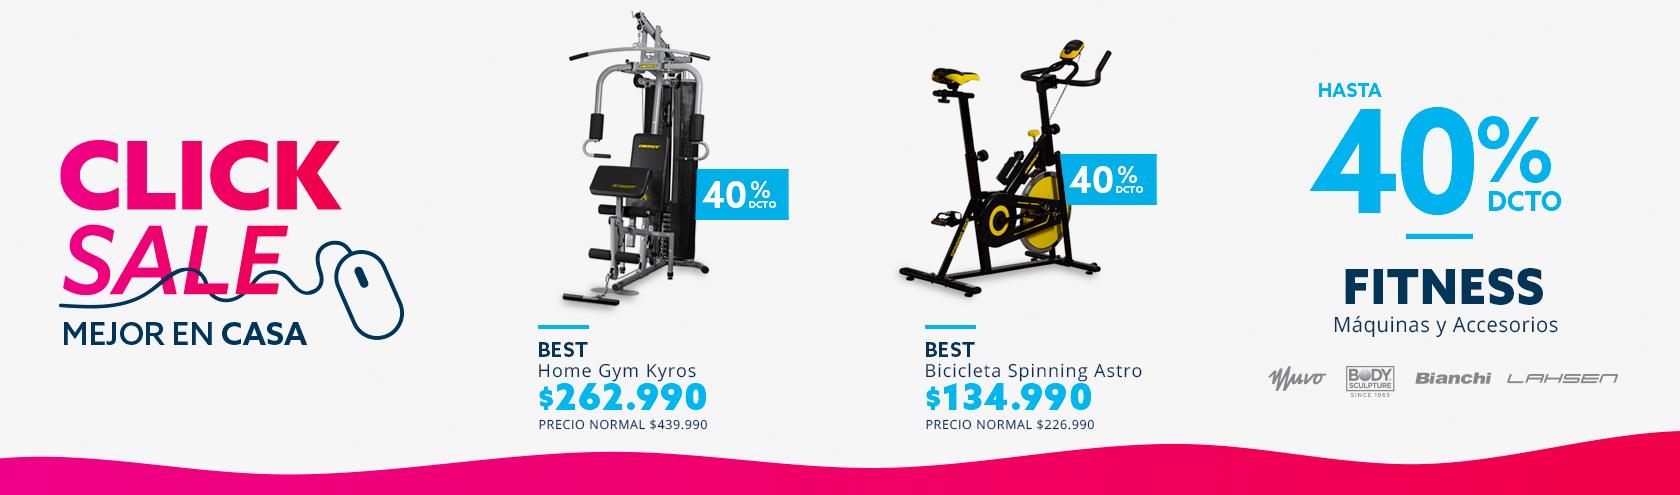 Ofertas home gym